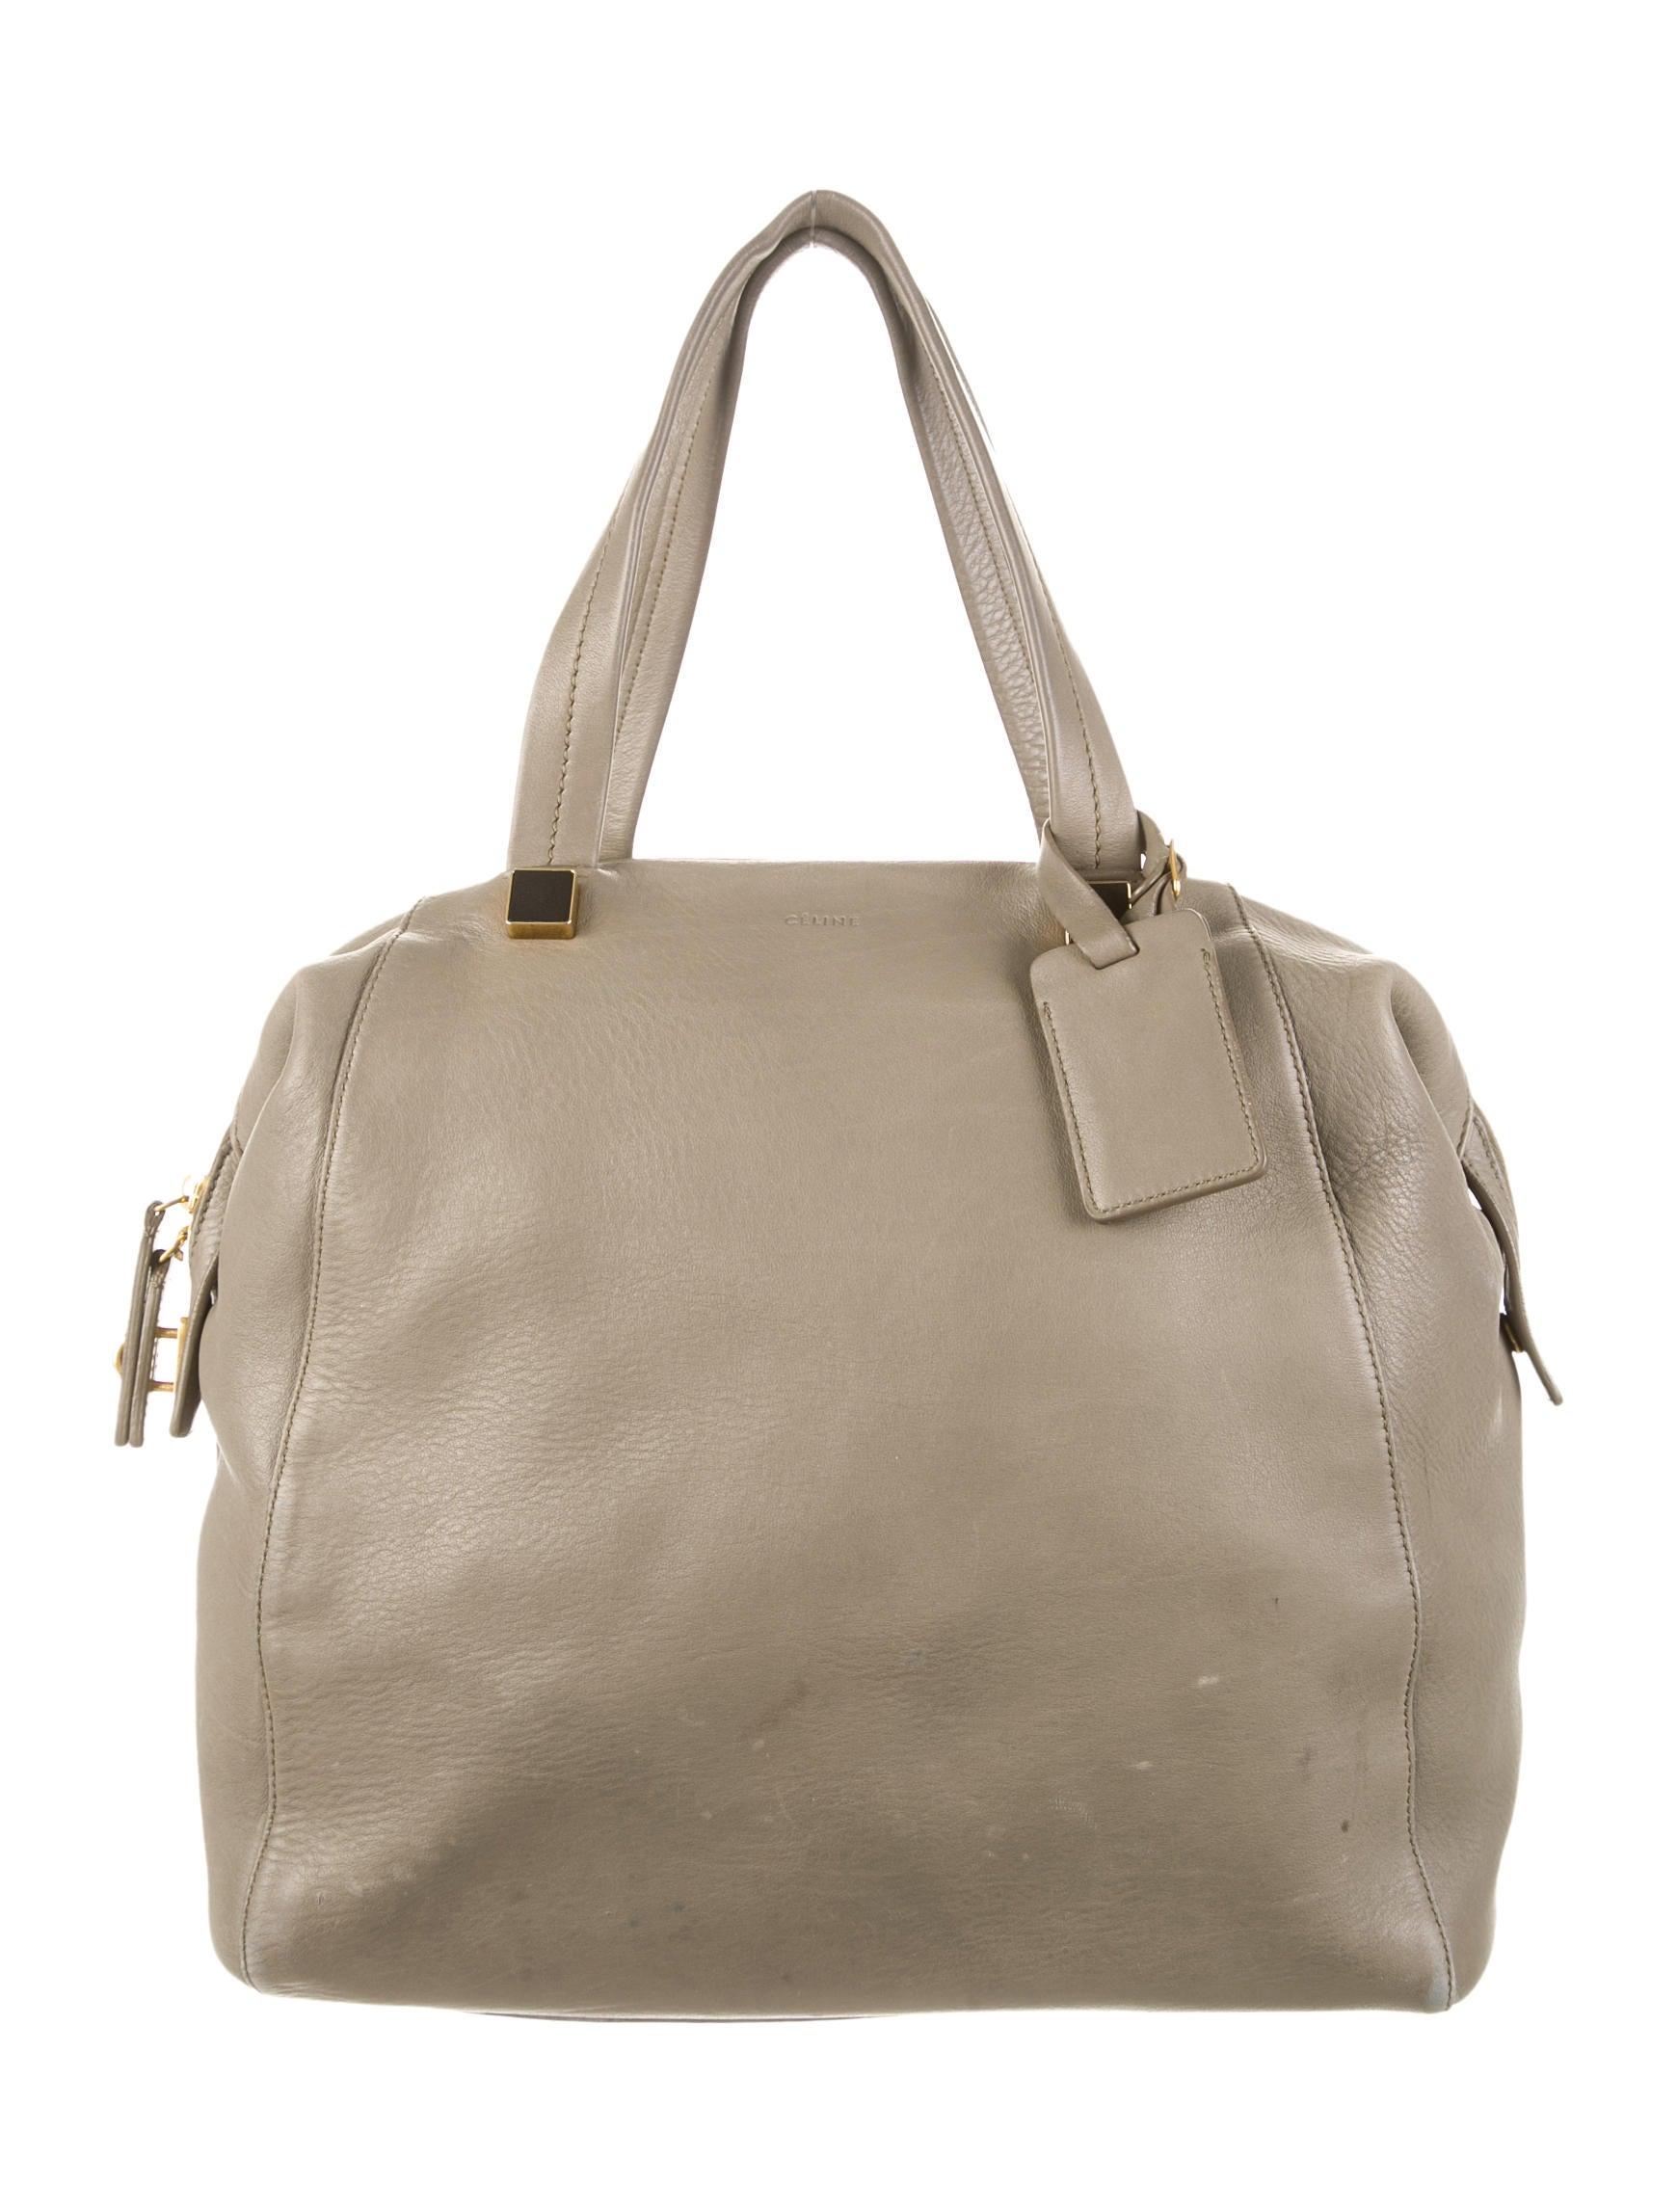 C��line Bowling Bag - Handbags - CEL27756 | The RealReal